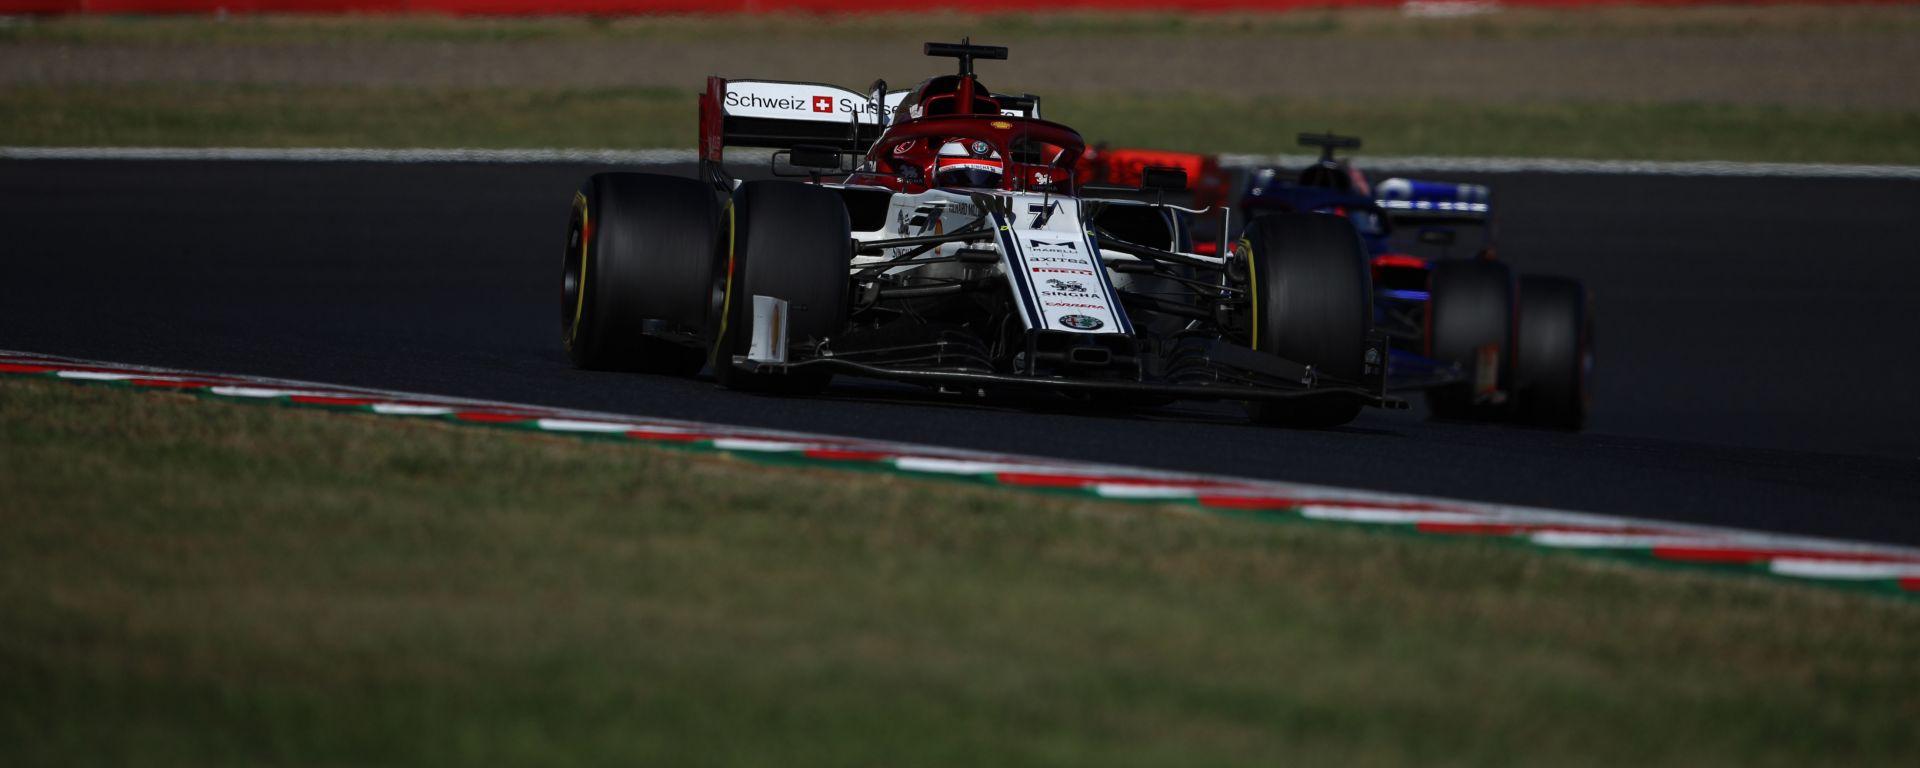 F1, GP Giappone 2019: Kimi Raikkonen (Alfa Romeo) in azione sul circuito di Suzuka